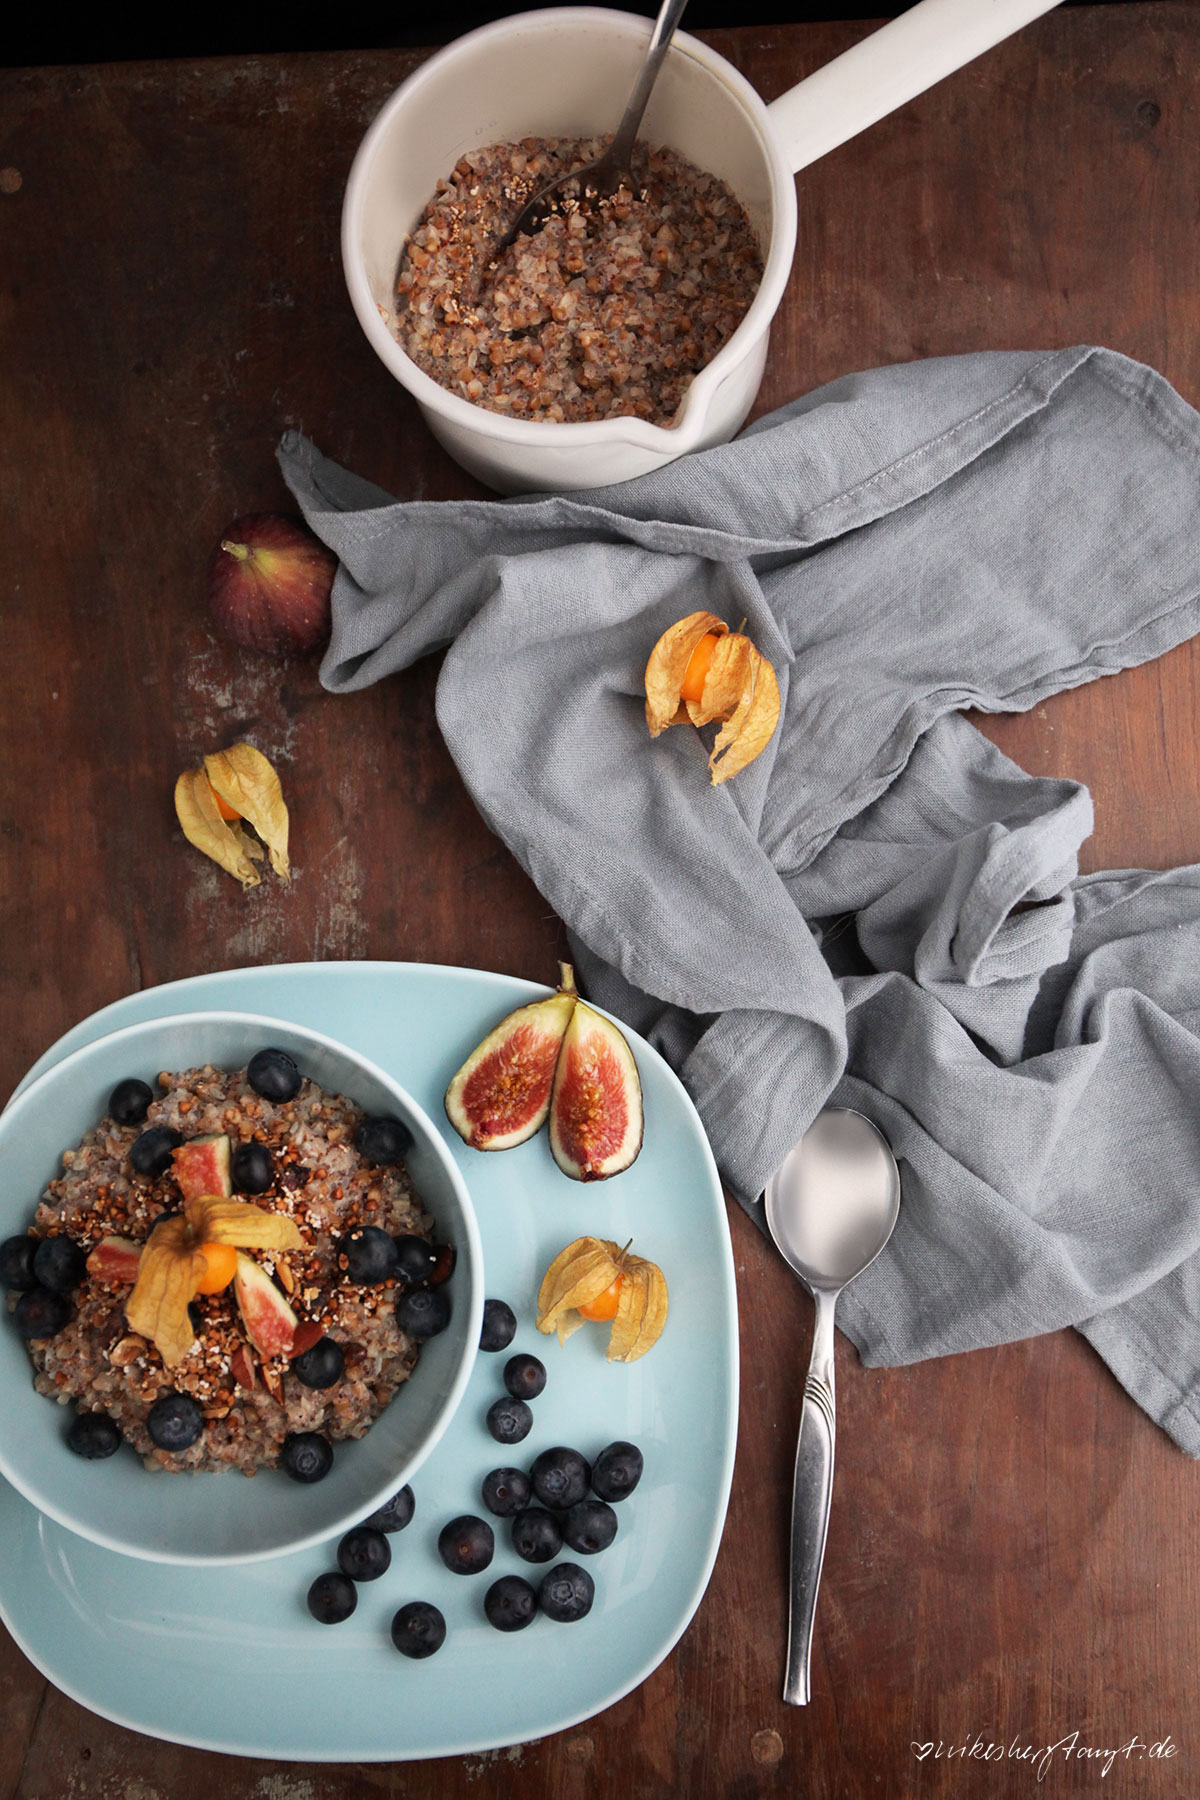 buchweizen, porridge, buckwheat, blaubeeren, feigen, frühstück, breakfast, food, blog, nikesherztanzt